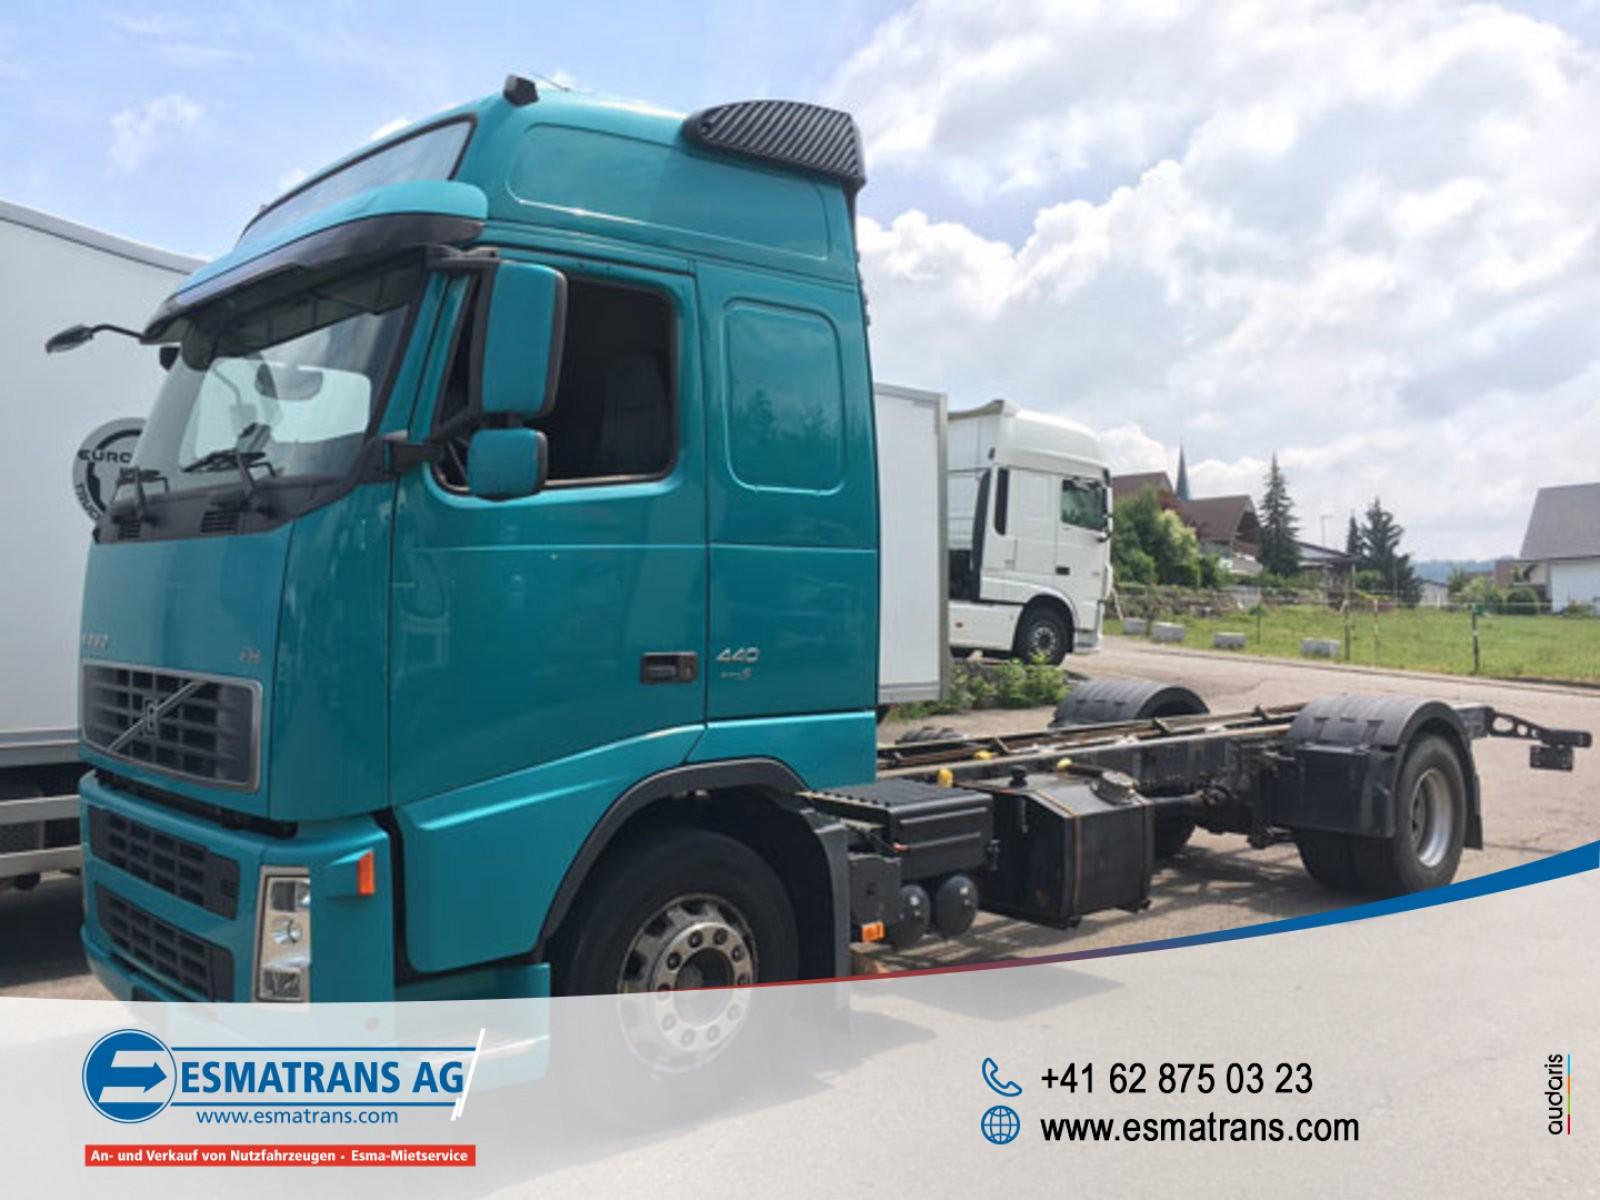 FRAN6306_882794 vehicle image